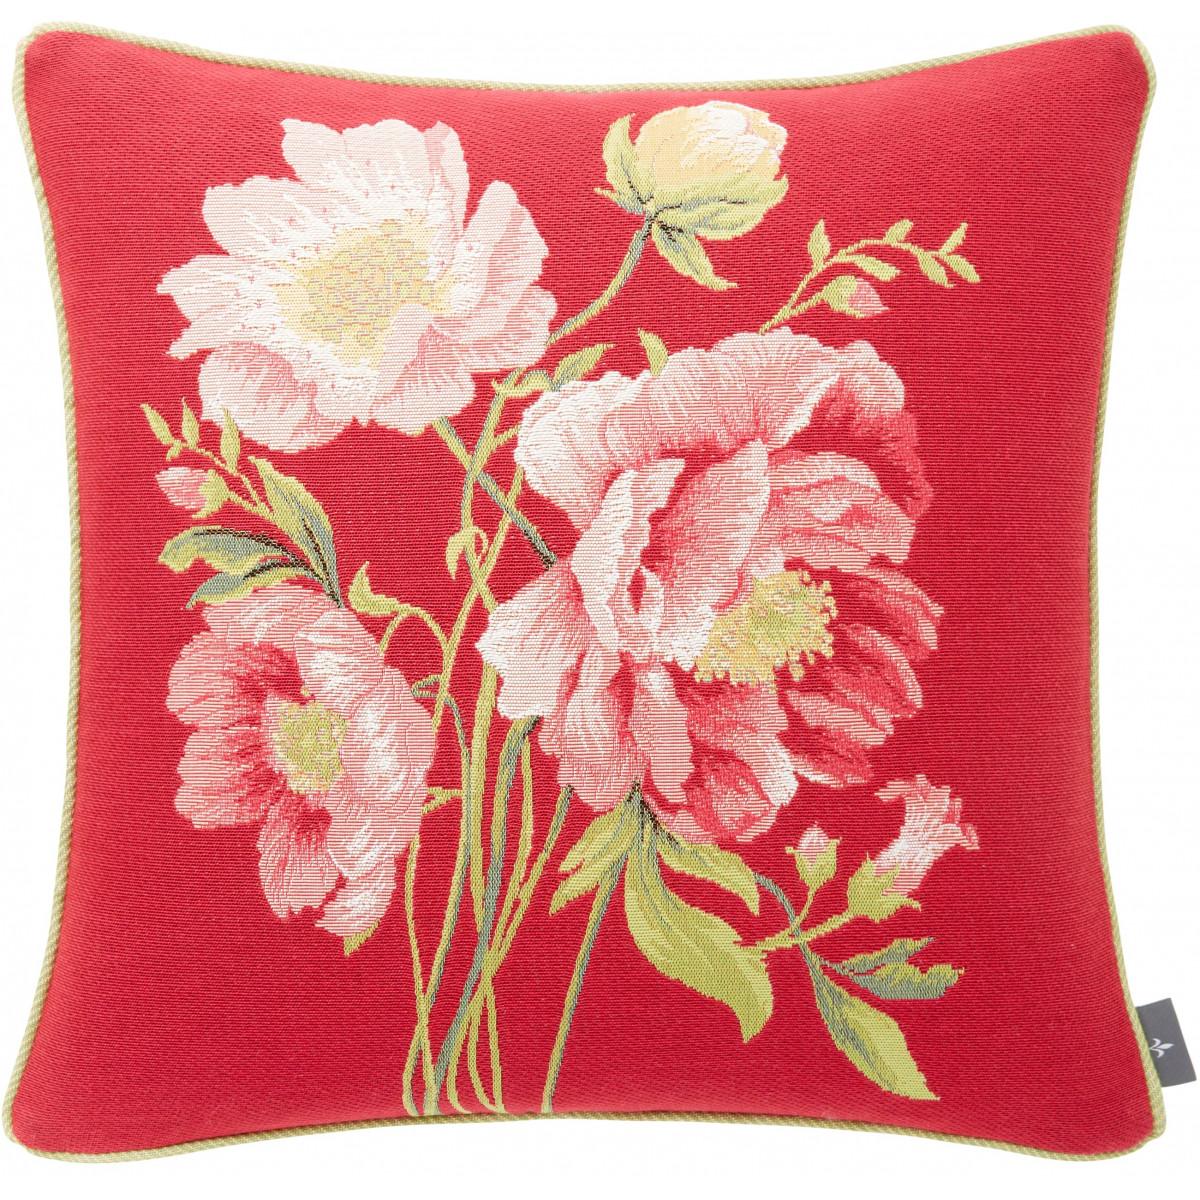 Coussin tapisserie bouquet pivoines Rose 50 x 50